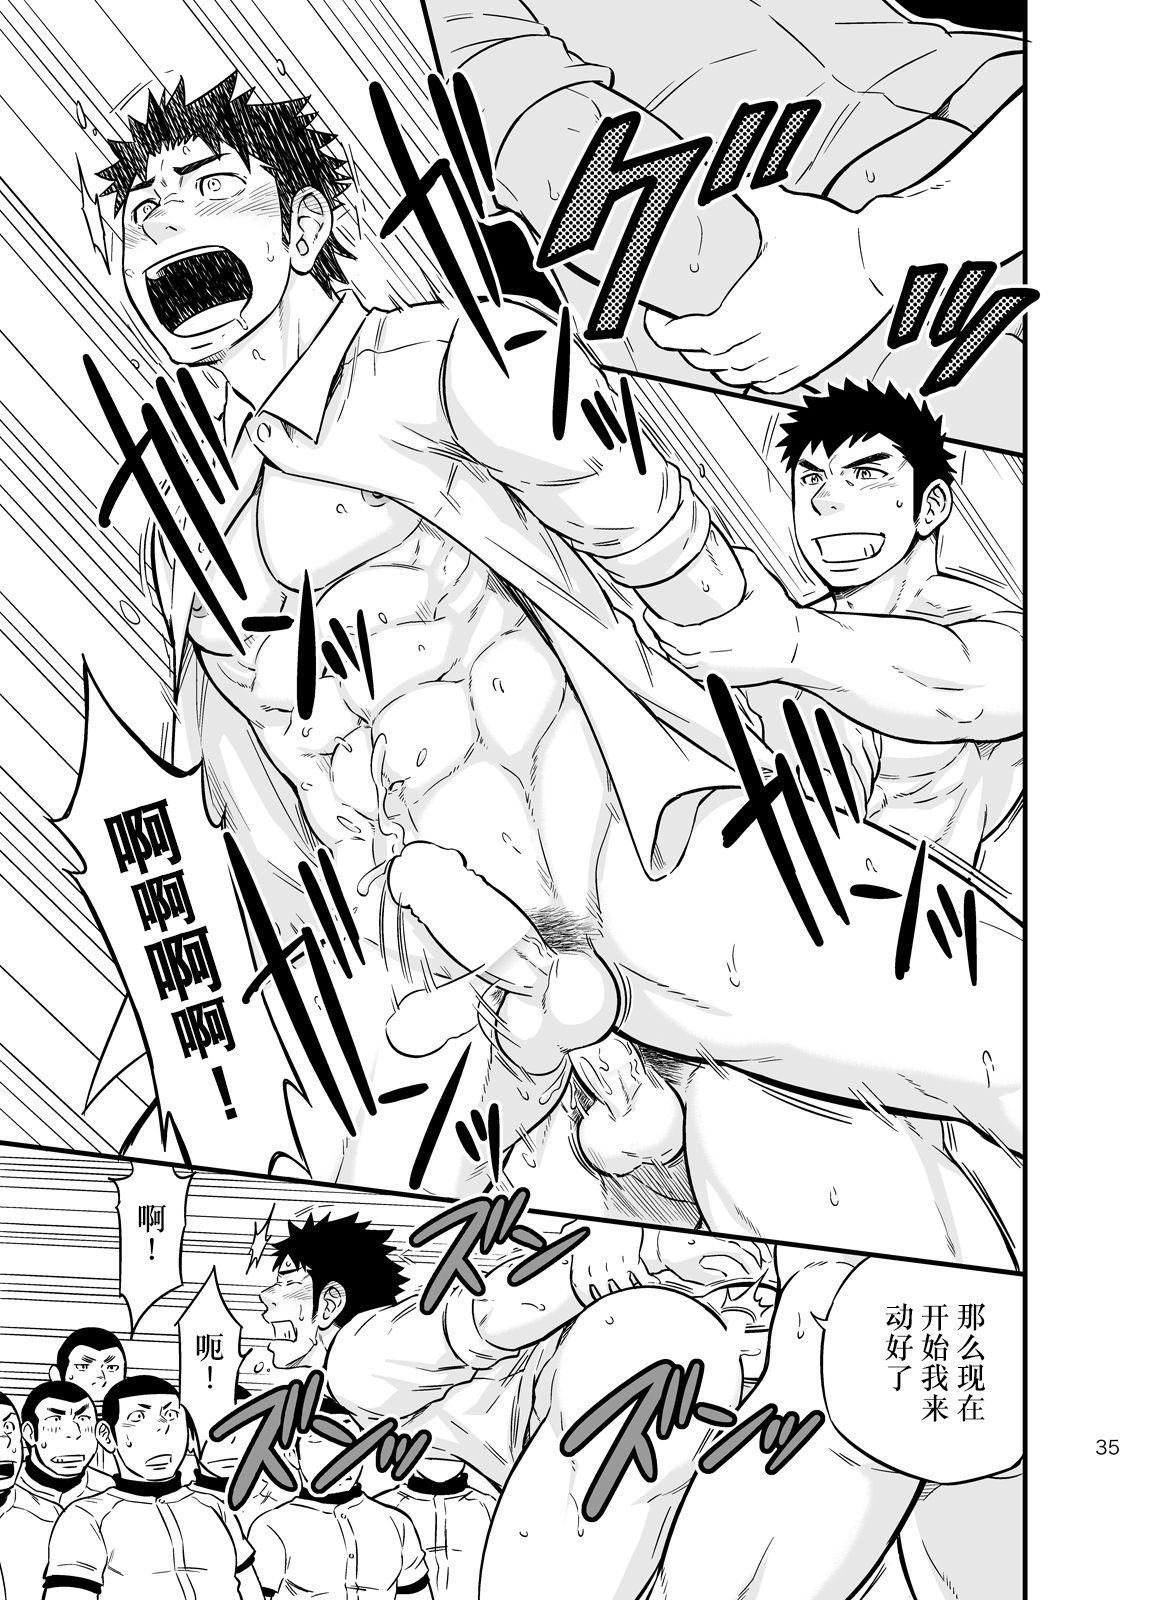 Moshimo Danshikou no Hoken Taiiku ga Jitsugi Ari Dattara 2 | 如果男校的保健体育课有实践环节的话 2 33